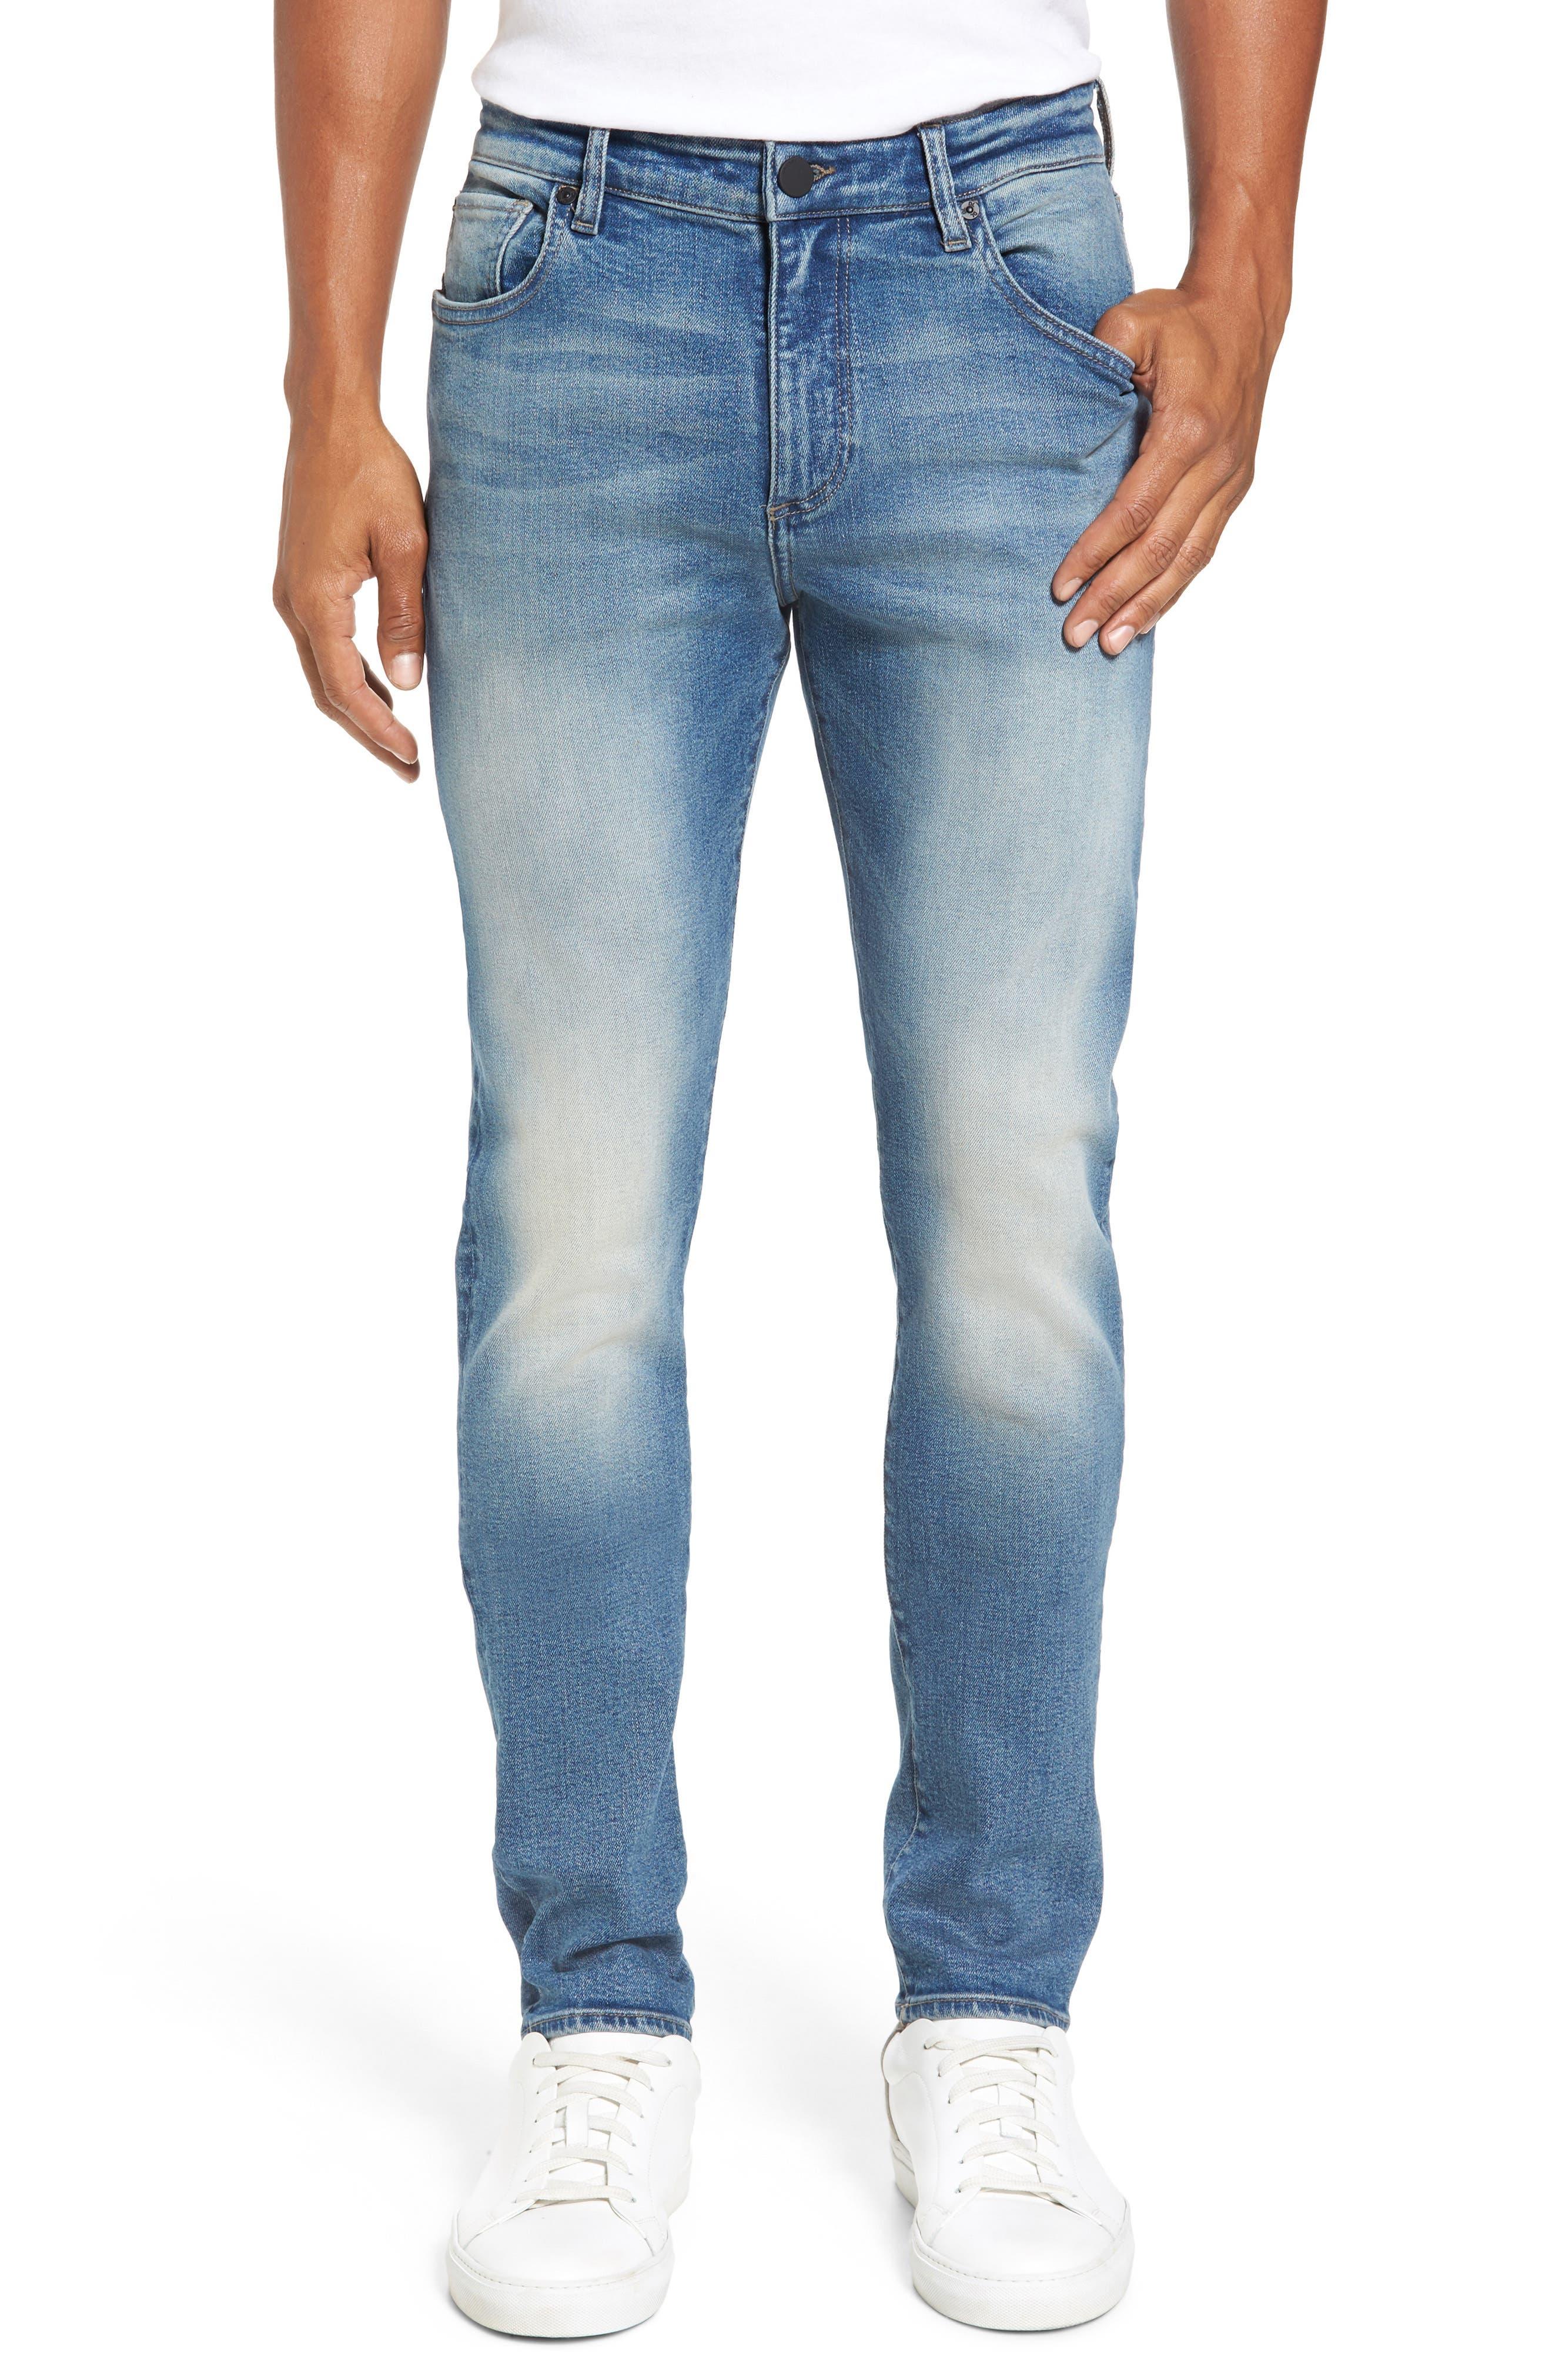 Main Image - DL1961 Hunter Skinny Jeans (Halt)